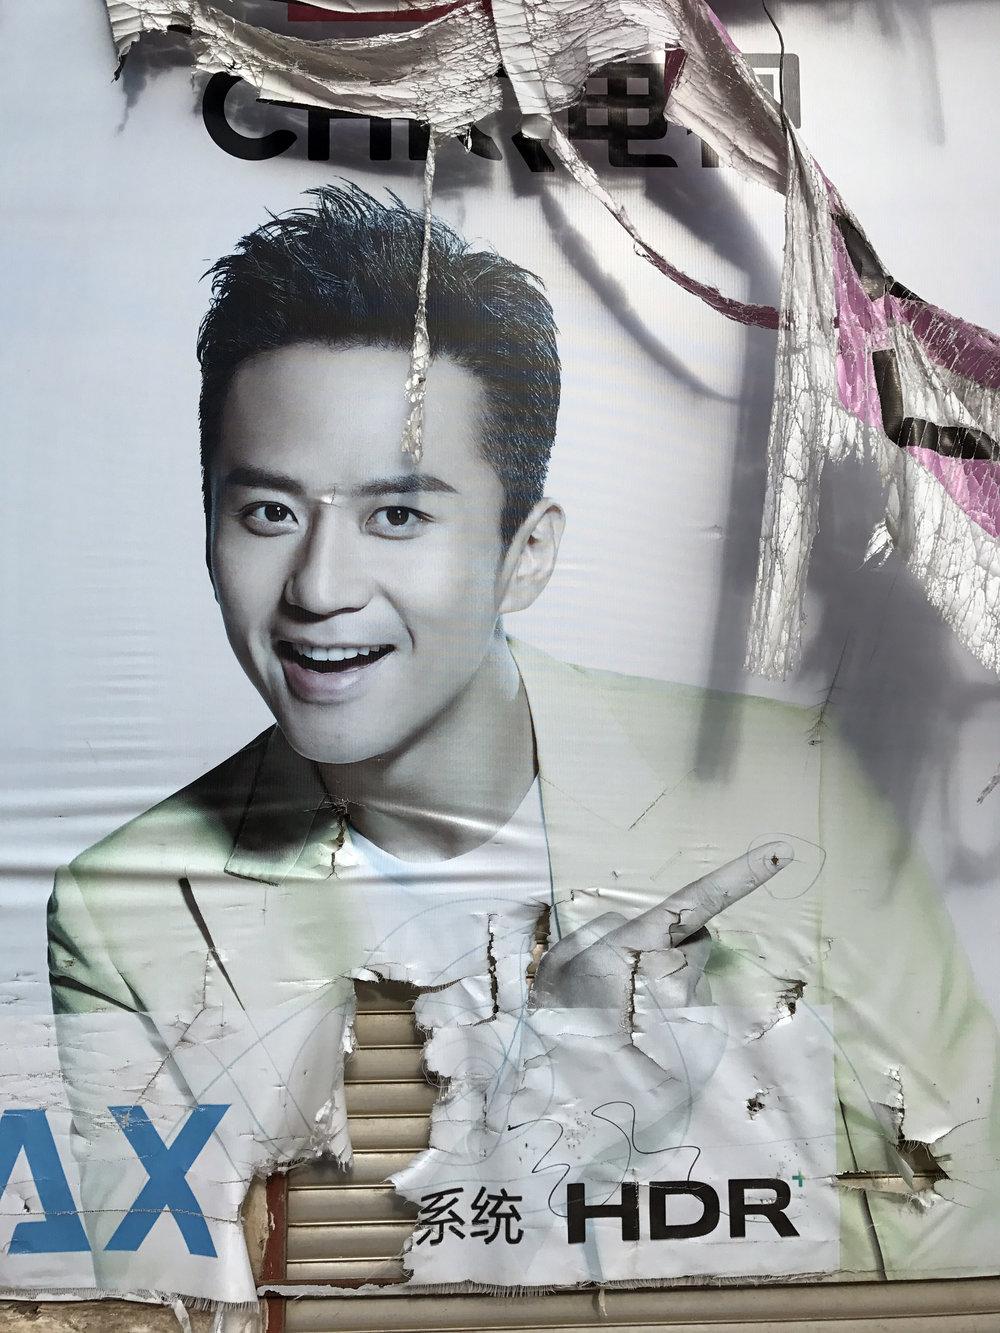 Honghe advertisement